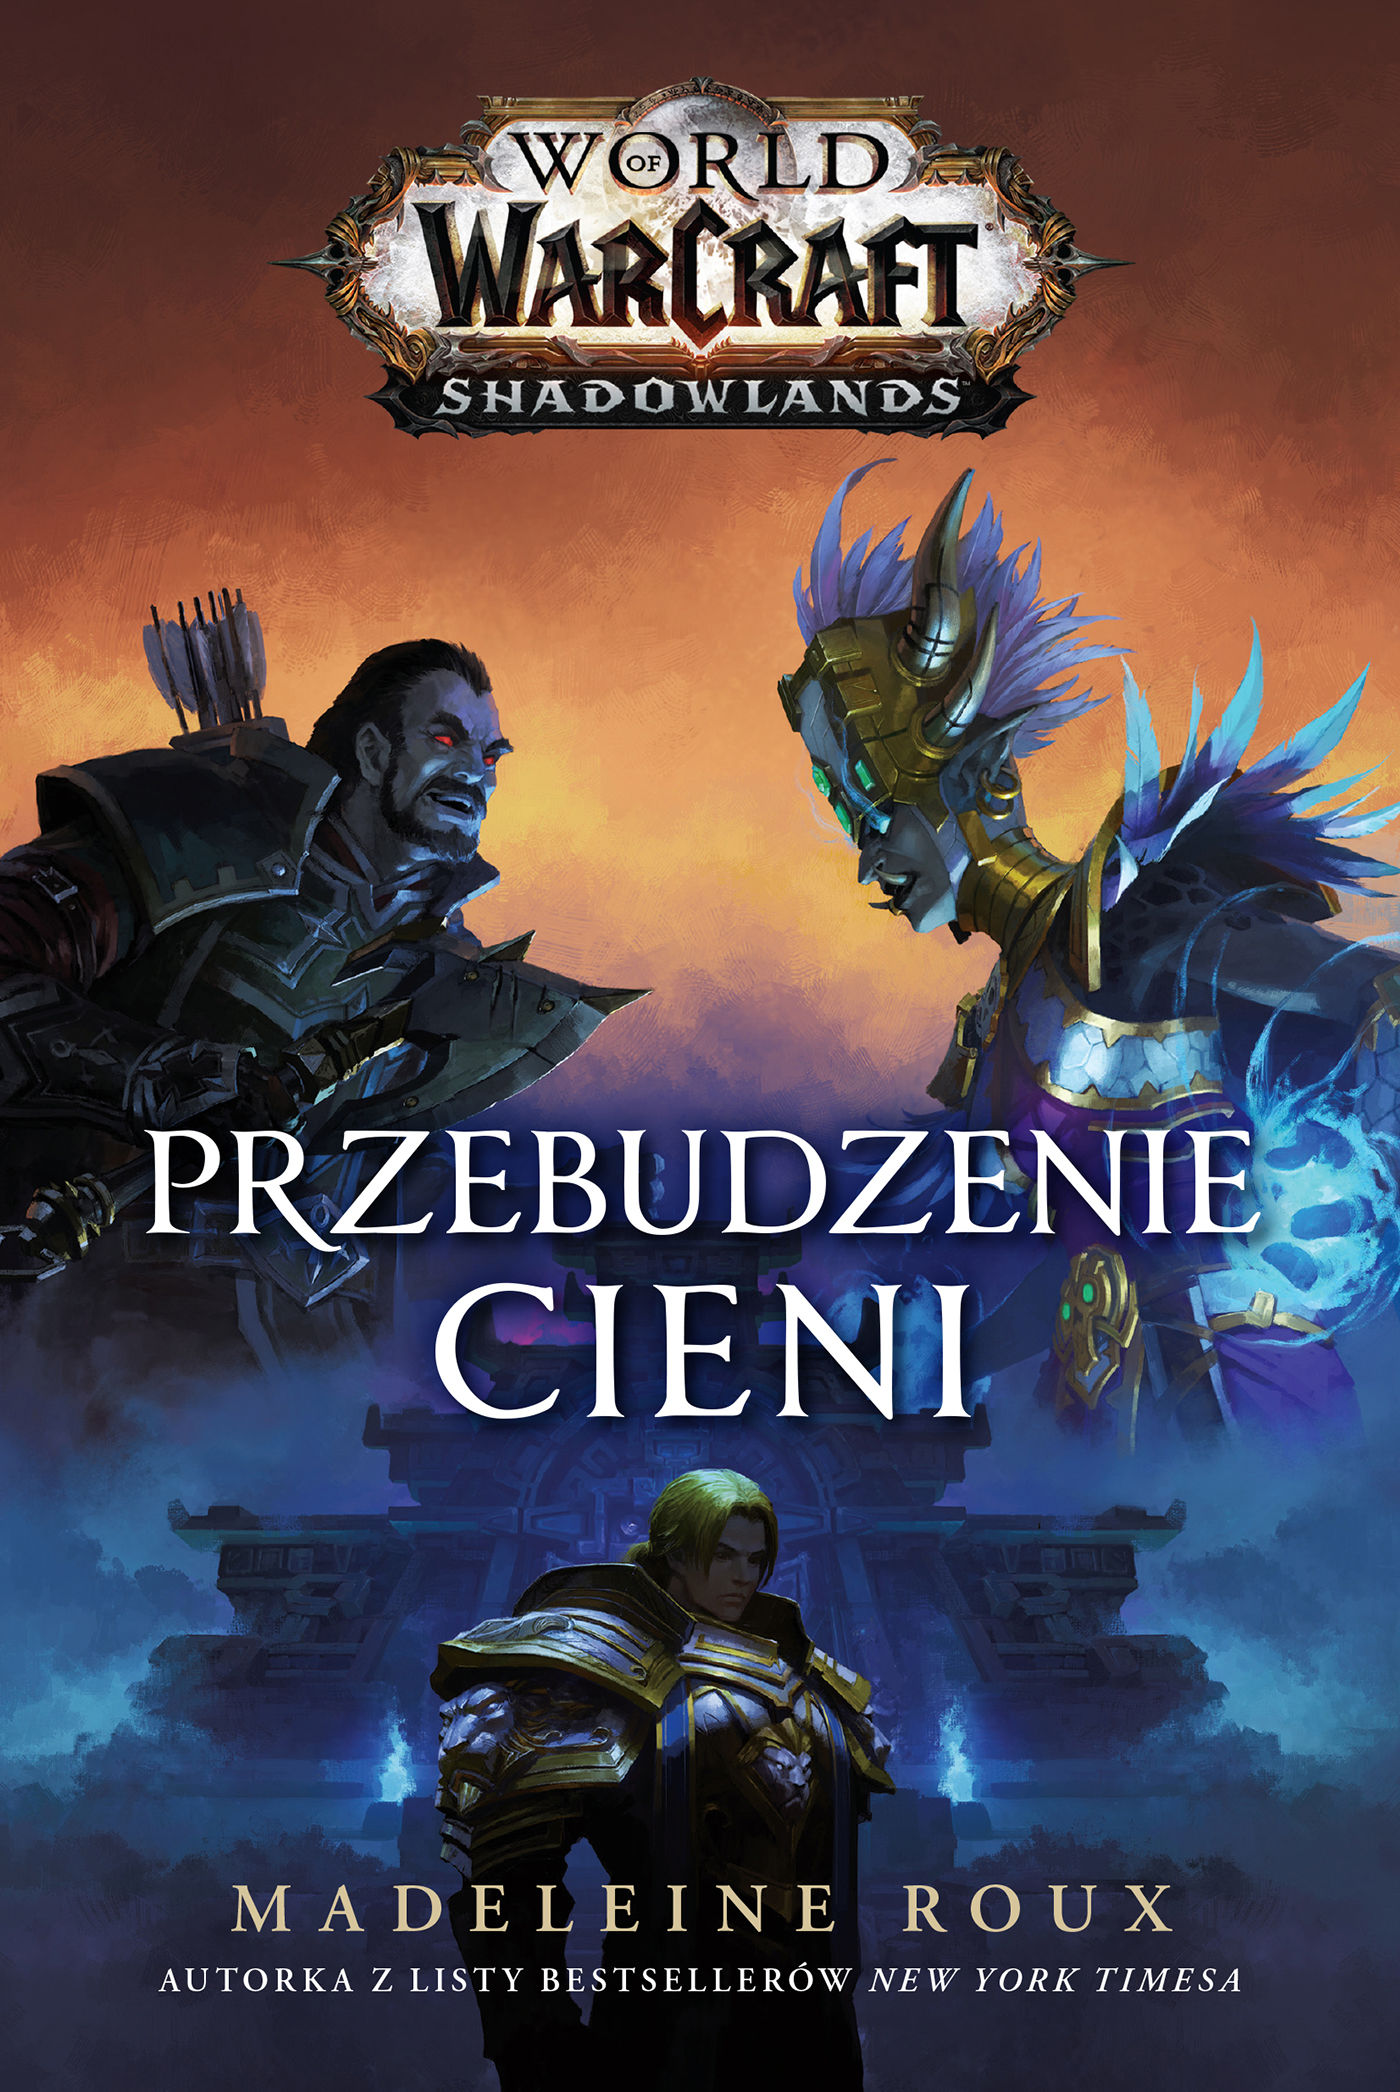 World of Warcraft: Przebudzenie cieni -          - ebook